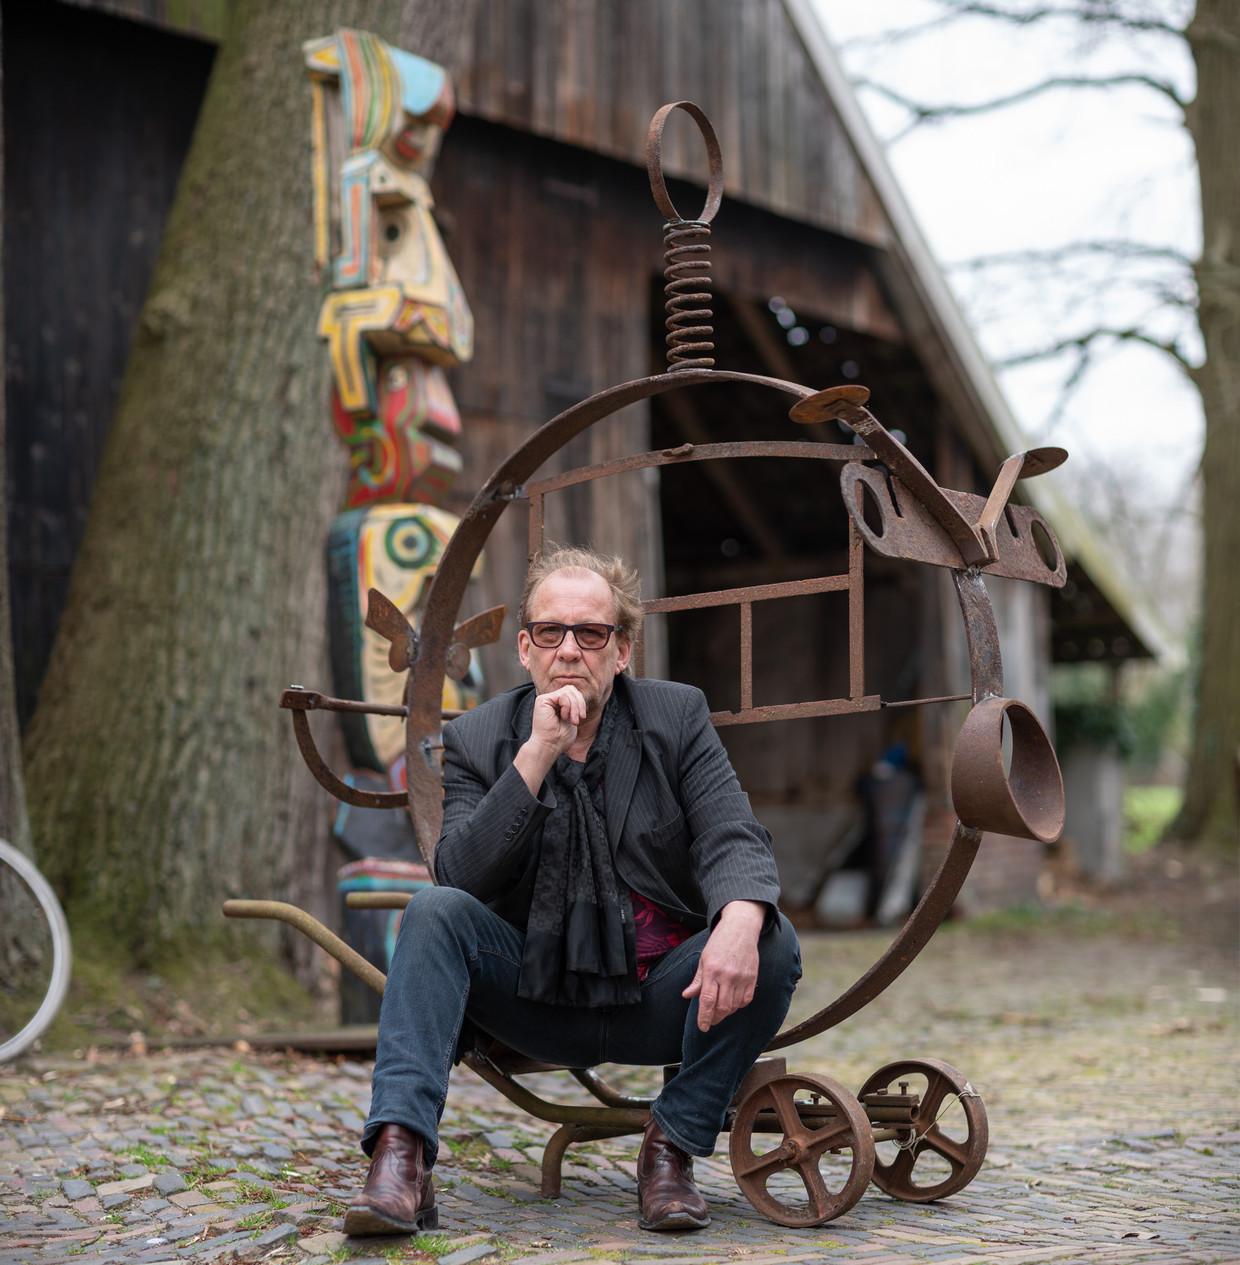 Kunstenaar René Guillot uit het Twentse Usselo is een 'goede kennis' van Pieter Omtzigt uit de sportschool.  Hij laste een oud karrewiel op het onderstel van een kruiwagen, als symbool voor politieke tunnelvisie en de kruiwagens waarmee politici zich in de achterkamers bedienen.  Beeld Harry Cock